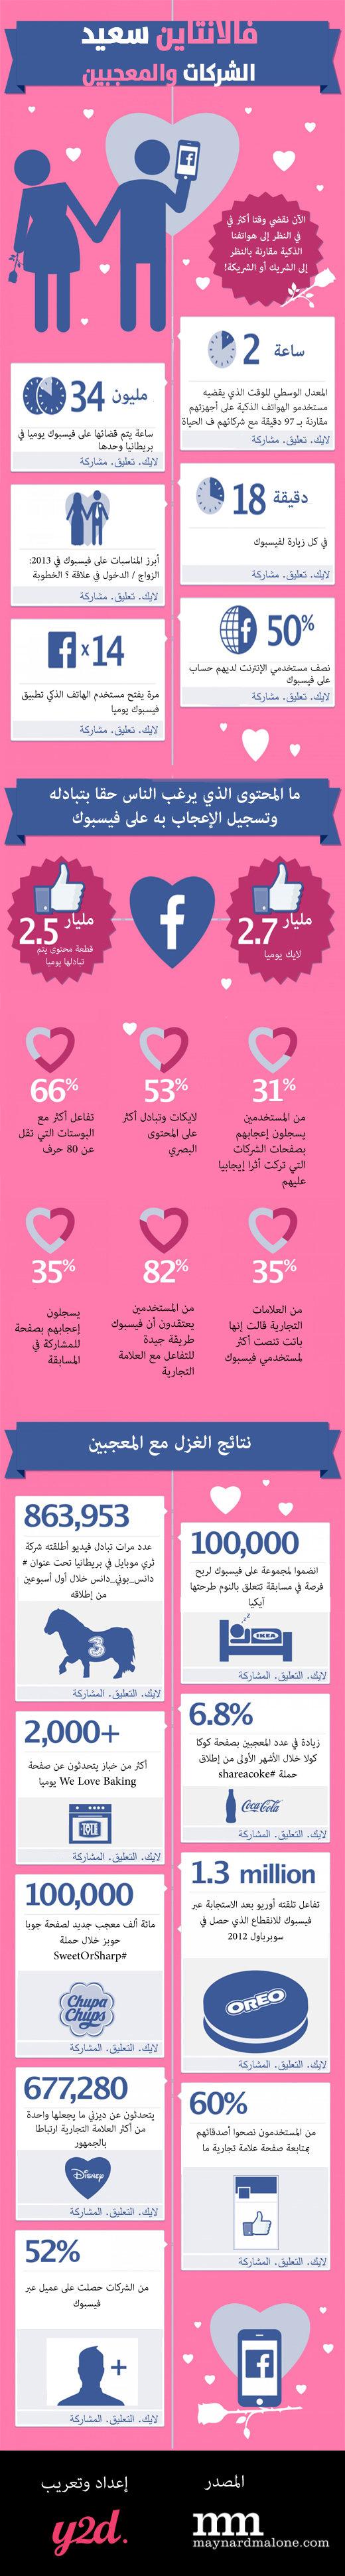 #انفوجرافيك علاقة الحب بين المعجبين والعلامات التجارية على الشبكات الاجتماعية